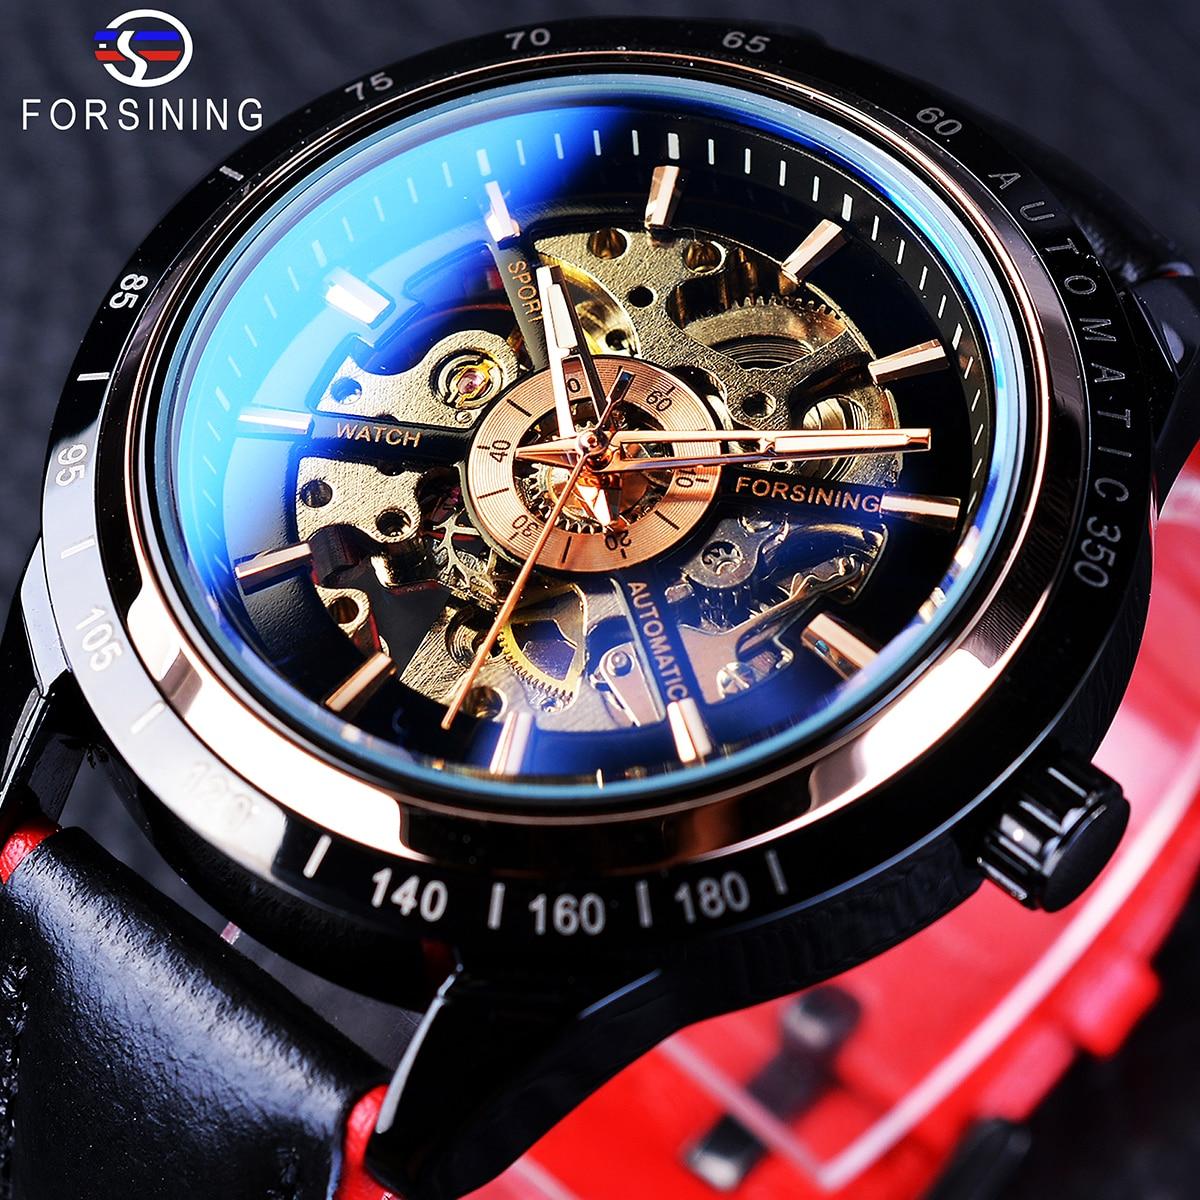 Мужские часы с ремешком Forsining, водонепроницаемые автоматические механические часы черного цвета с кожаным ремешком